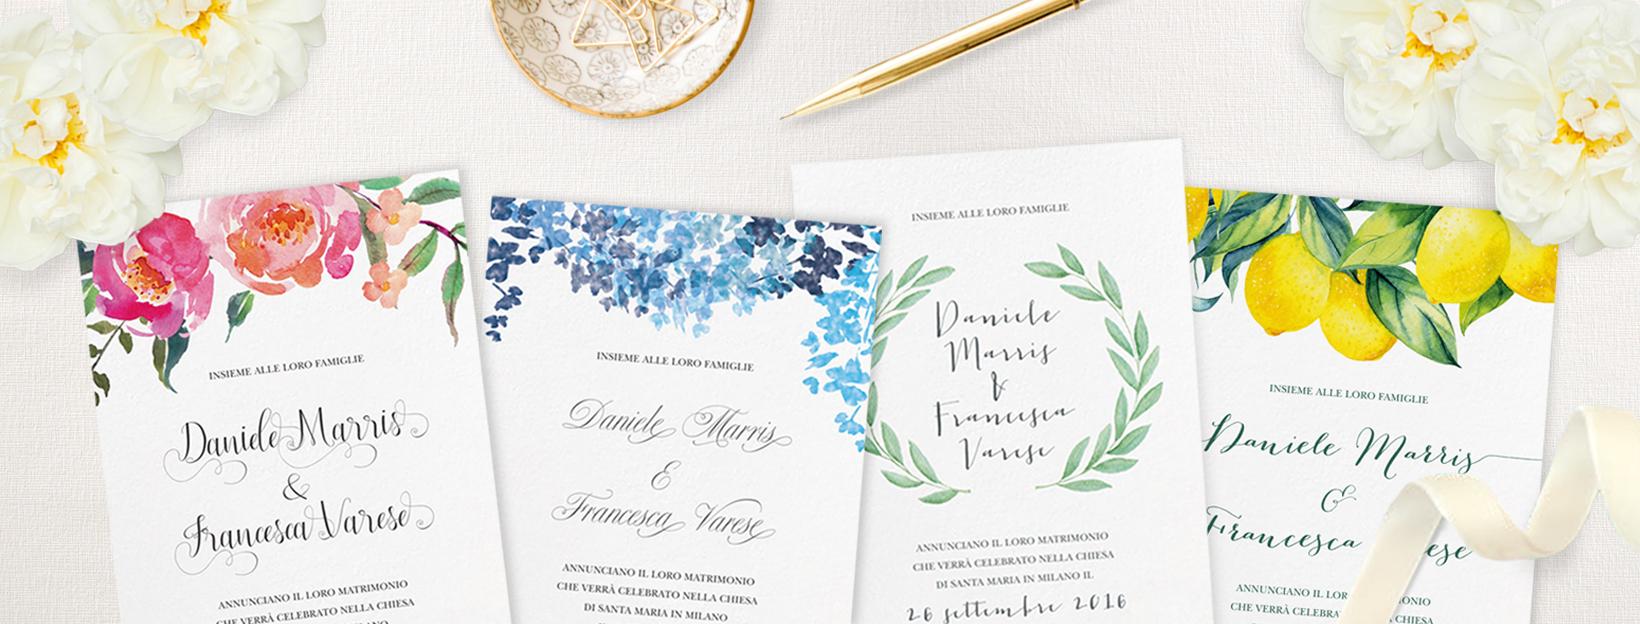 Partecipazioni Matrimonio Wedding.Partecipazioni Di Nozze On Line My Wedding Paper